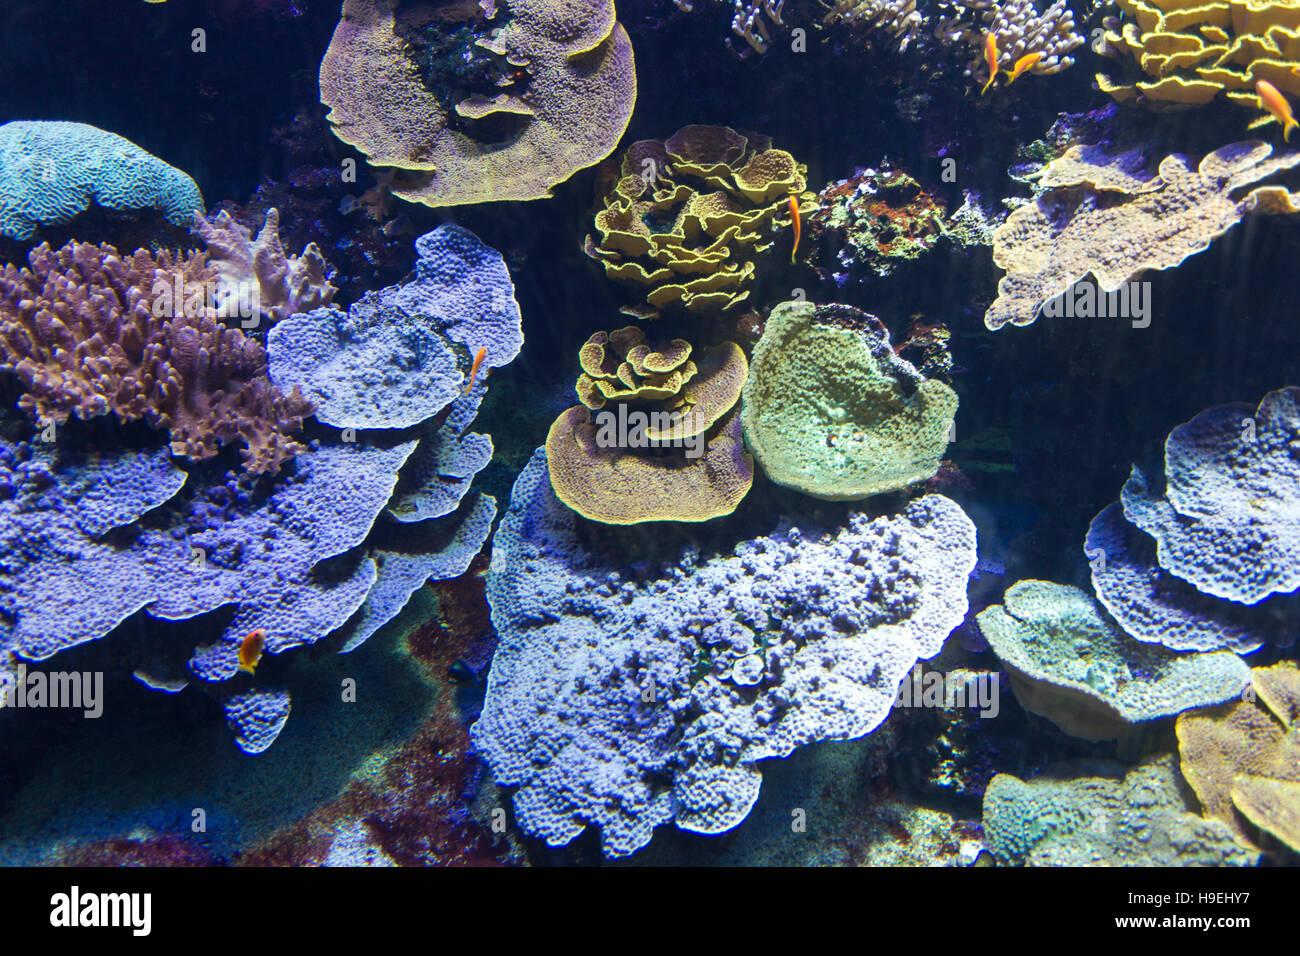 Barrière de corail avec des coraux mous et durs avec des poissons exotiques Photo Stock